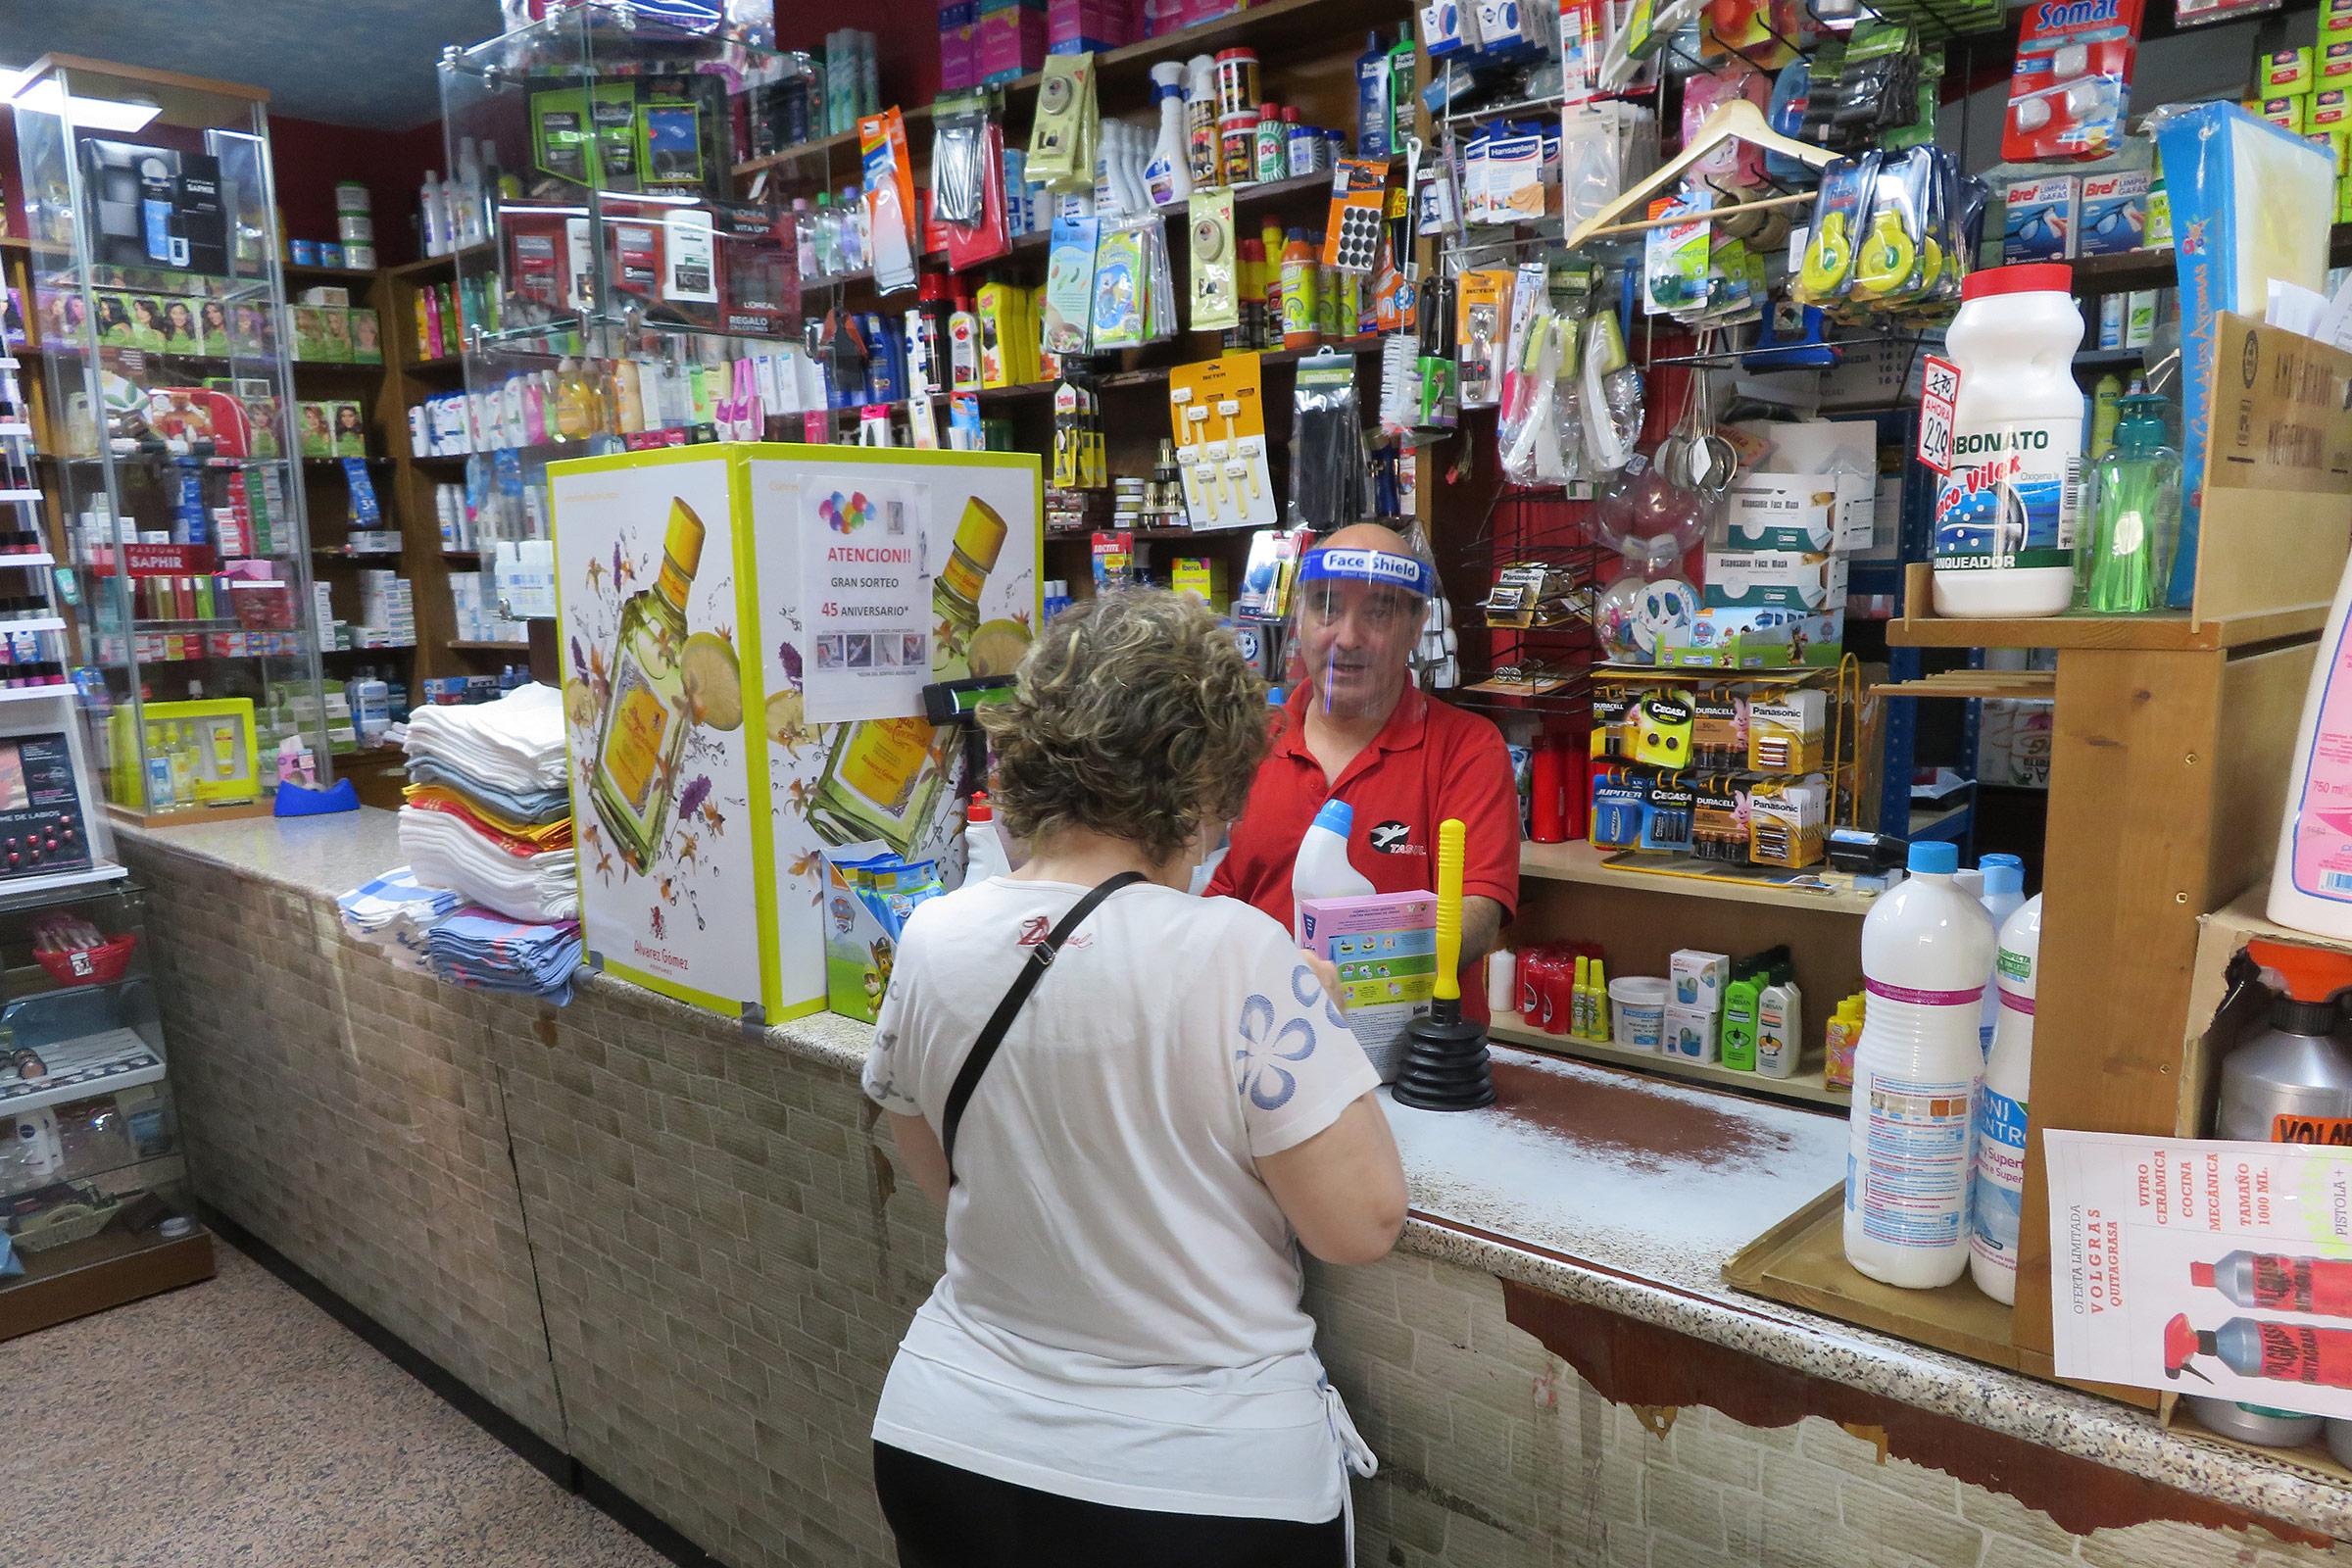 El trato personal y el conocimiento de la clientela es un valor añadido de las tiendas de barrio